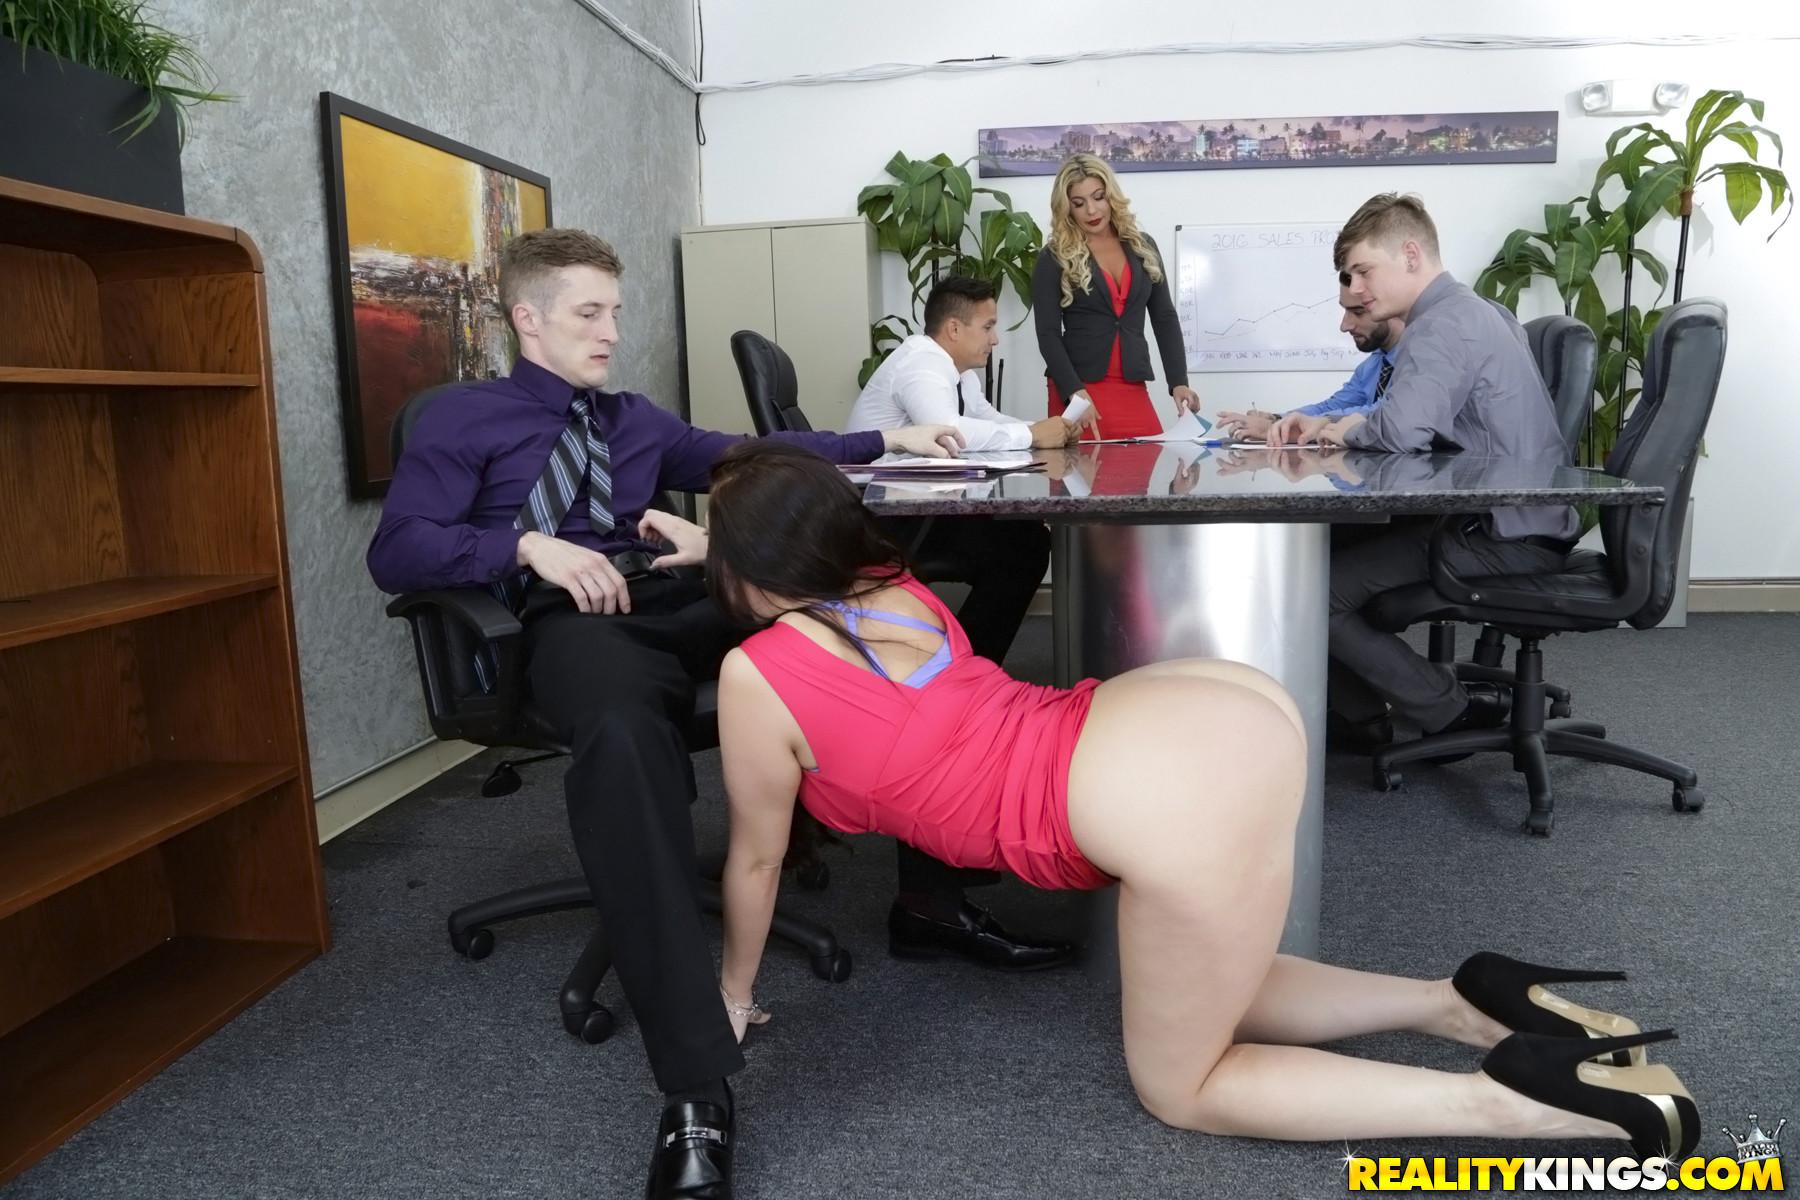 big spread pussy pic